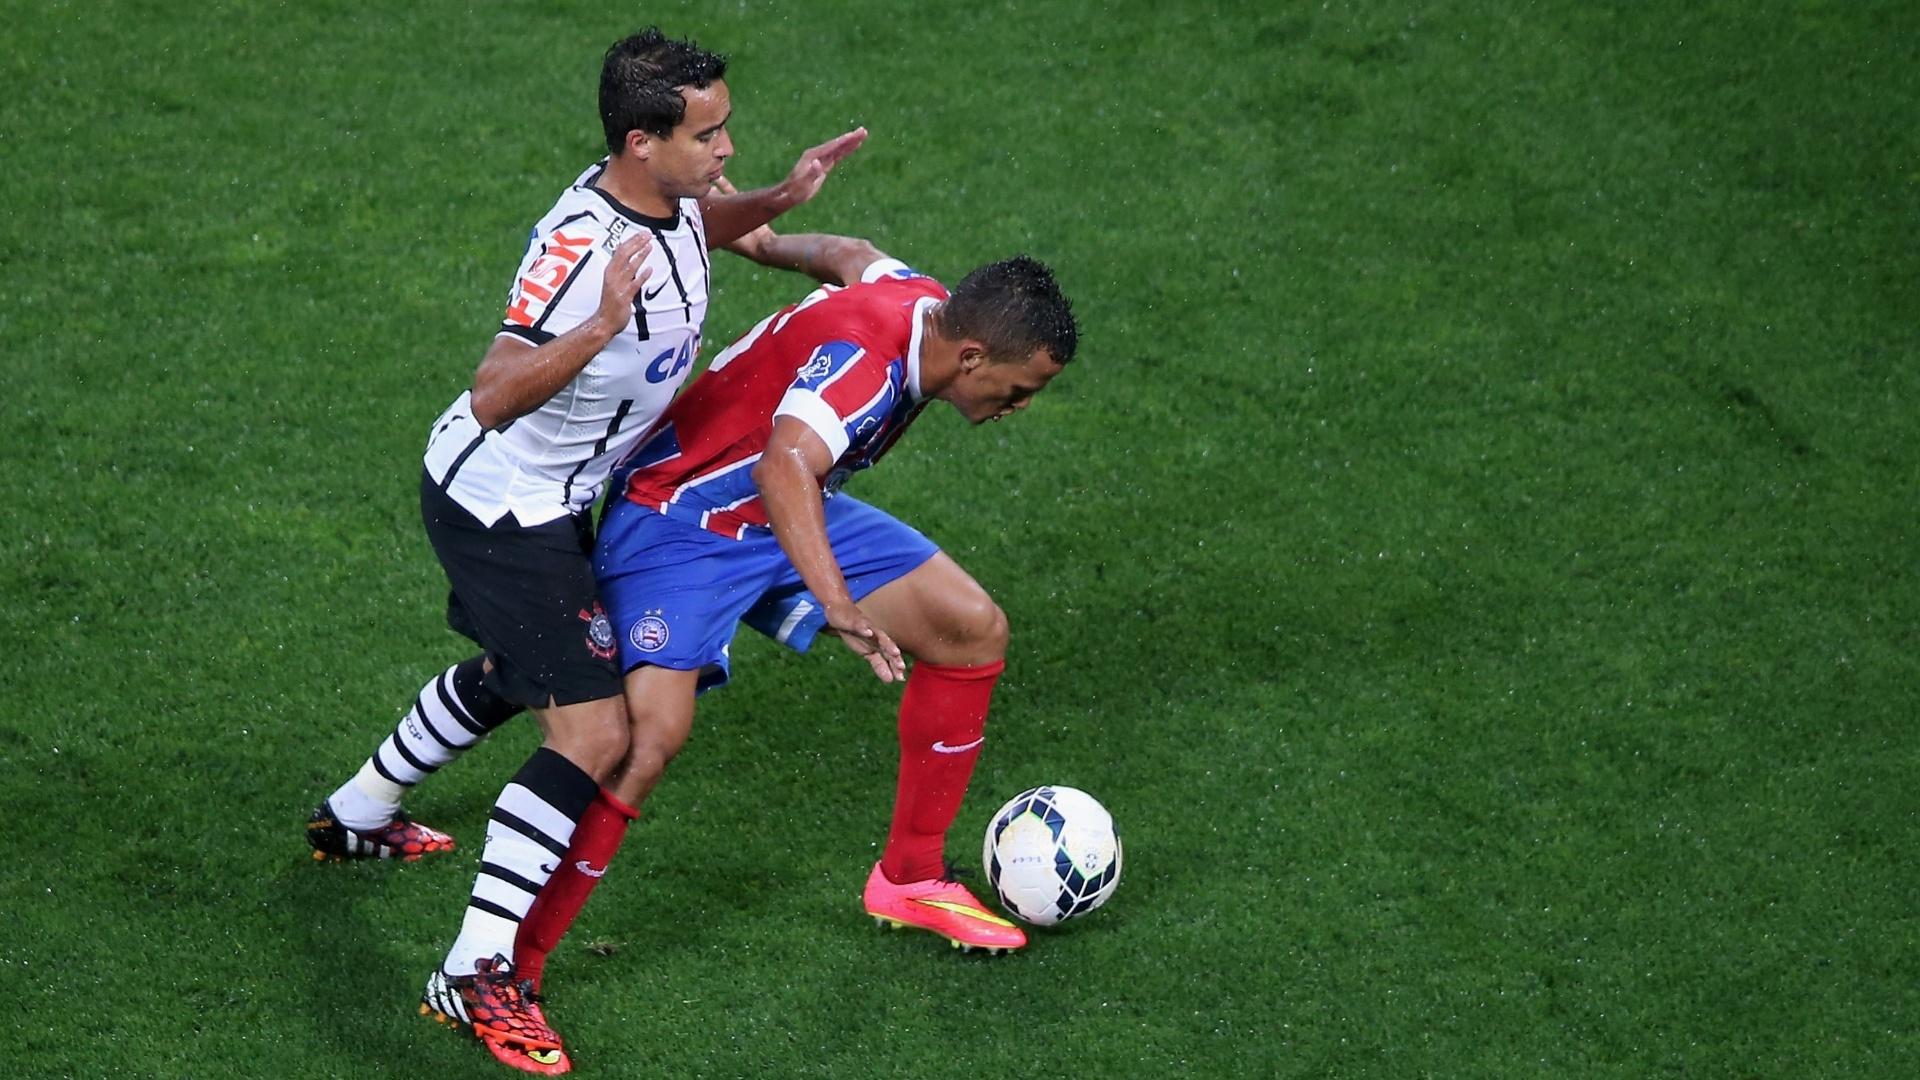 16.ago.2014 - Jadson (e), do Corinthians, aperta a marcação sobre Raul, do Bahia, durante jogo do Brasileirão